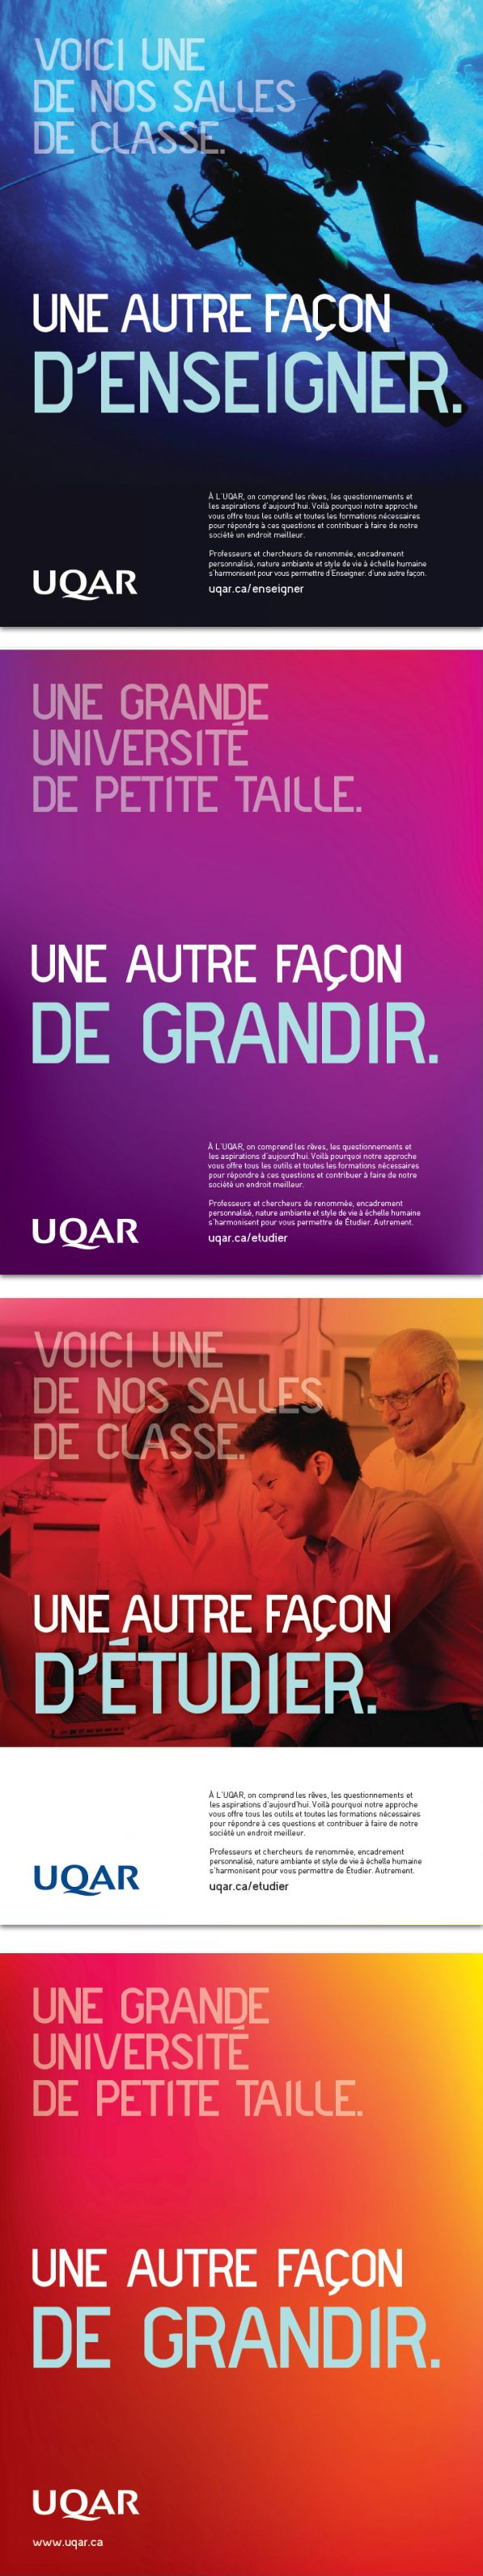 UQAR - UNIVERSITÉ DU QUÉBEC À RIMOUSKI - Création d'un nouveau positionnement, d'une approche conceptuelle, d'une plateforme visuelle ainsi que d'une série d'outils de communication